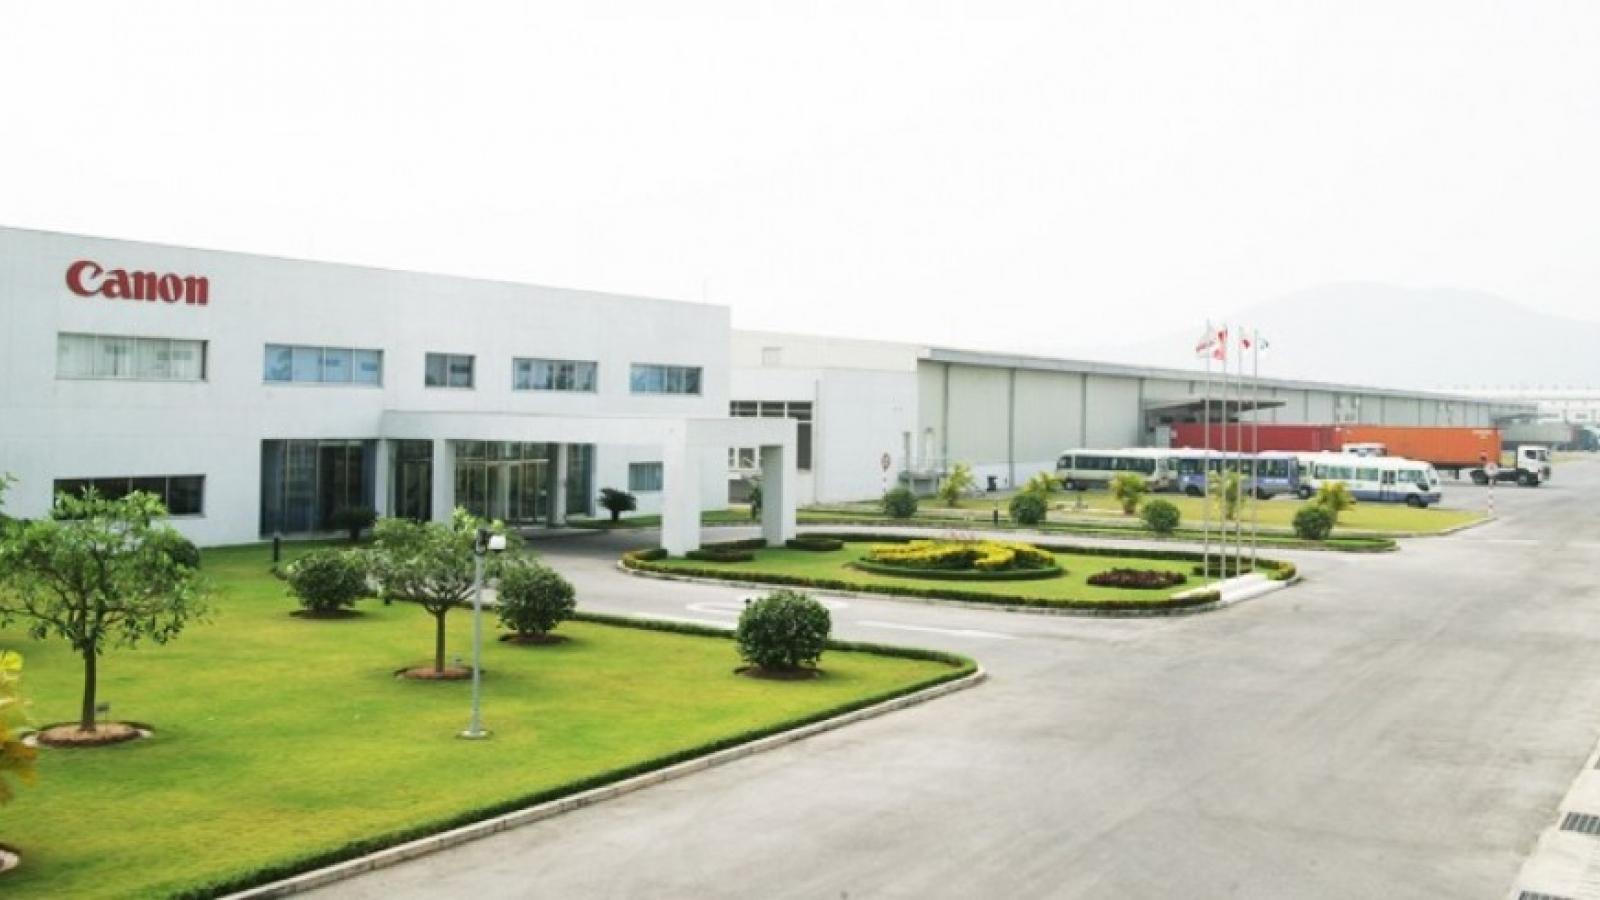 Bắc Ninh kết thúc cách ly y tế khu Ký túc xá của Công ty Canon Việt Nam